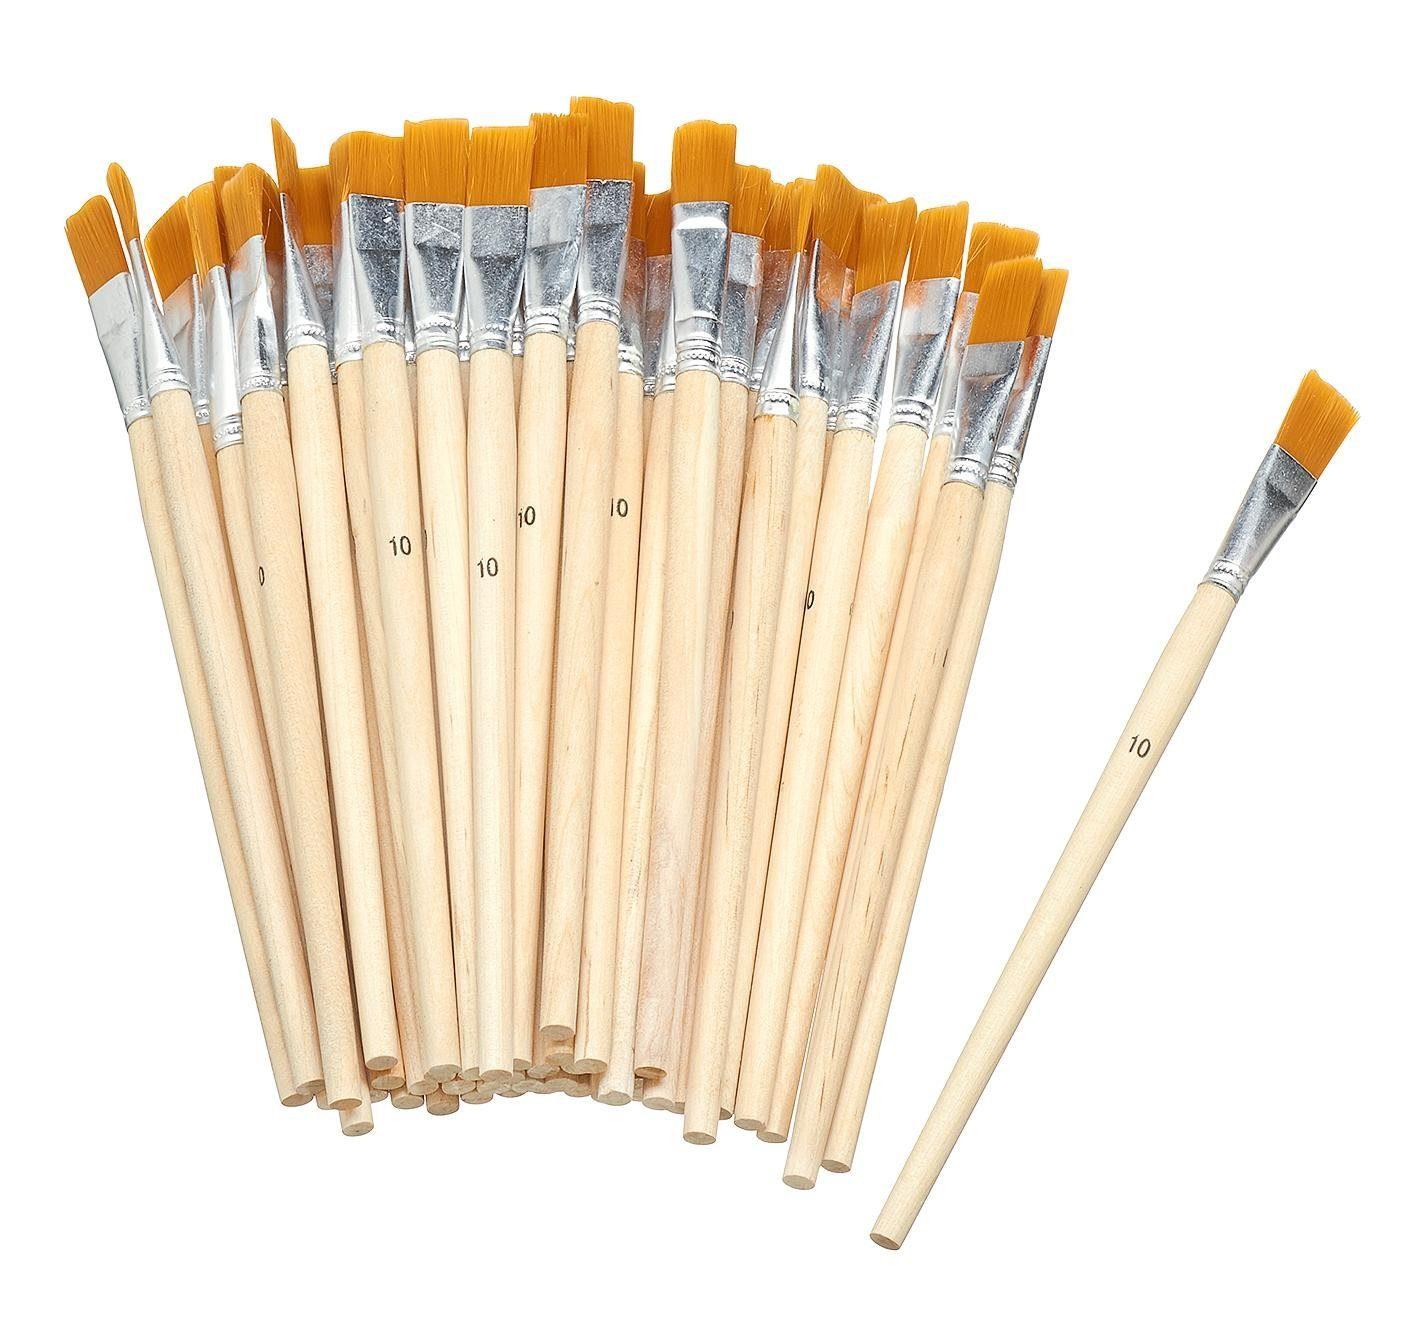 VBS Großhandelspackung 50 Flachpinsel Synthetikhaar, Gr. 10